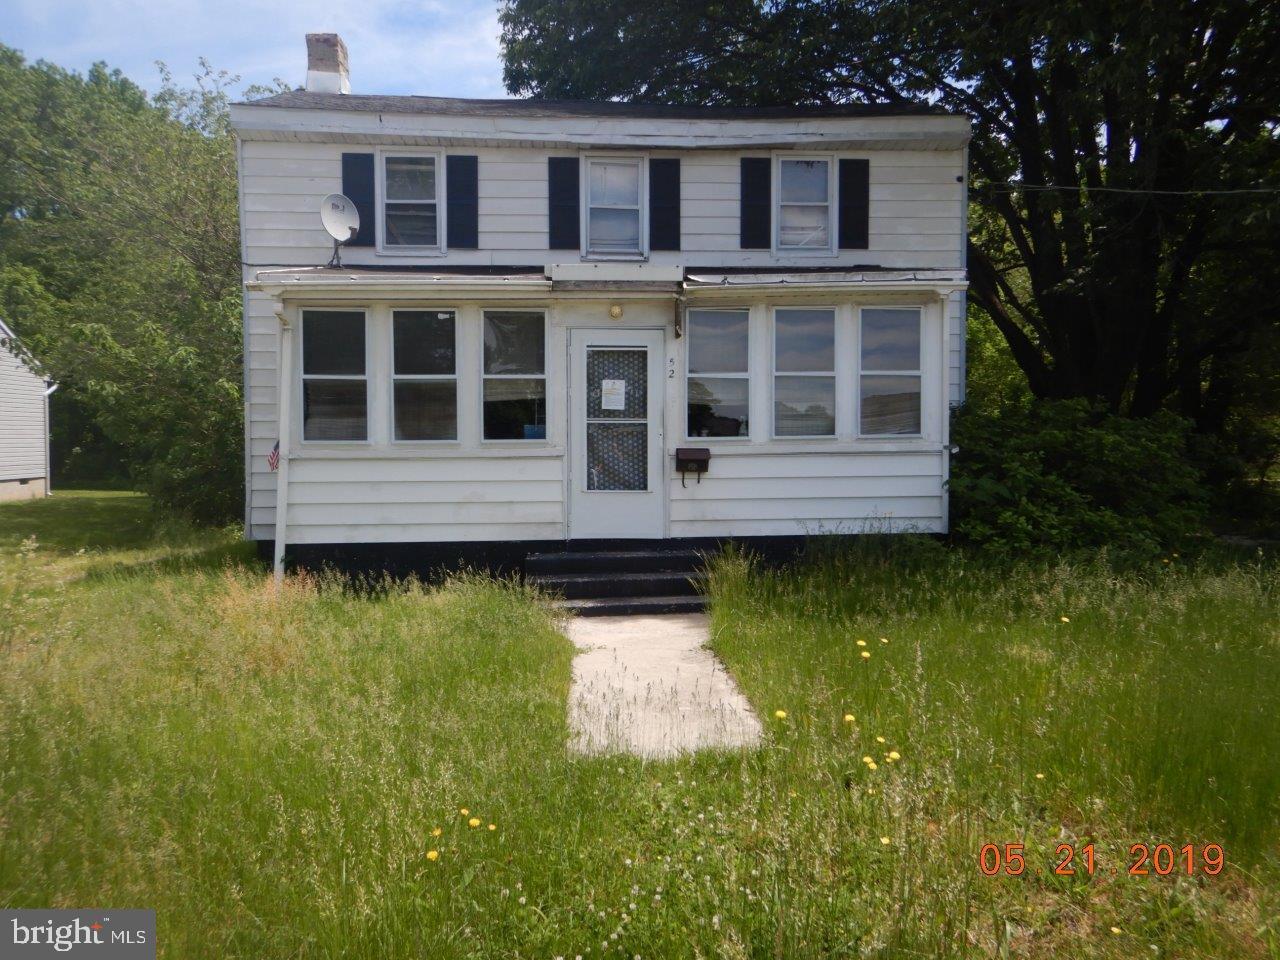 52 WILLIAMS Street  Glassboro, New Jersey 08028 Amerika Birleşik Devletleri